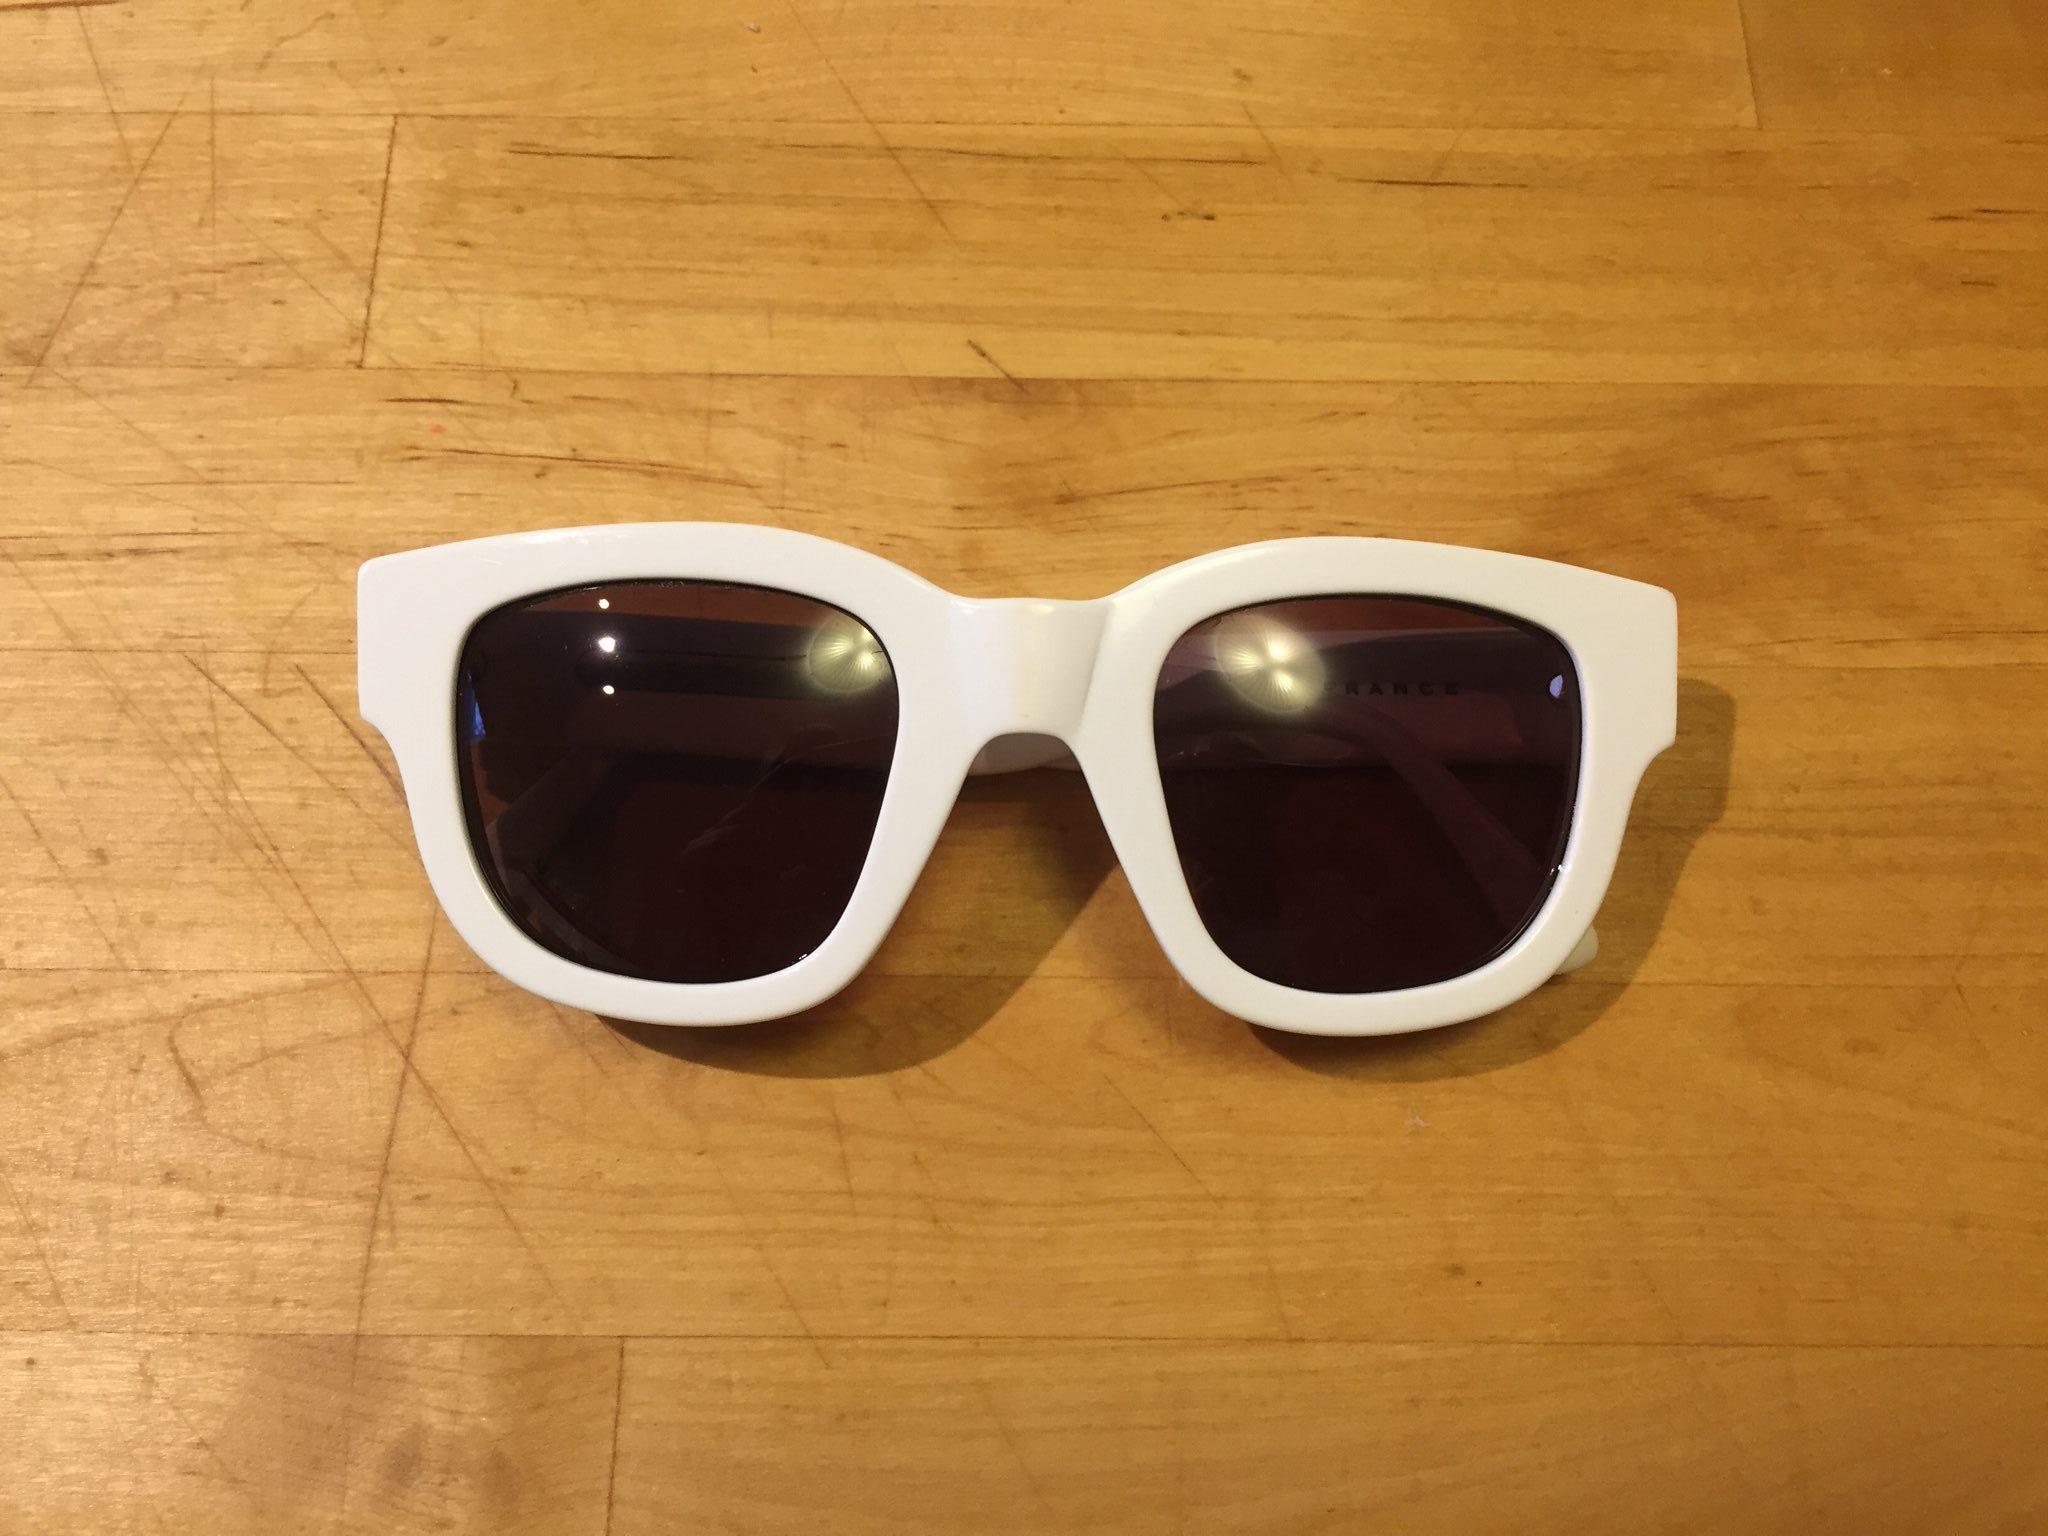 Acne solglasögon